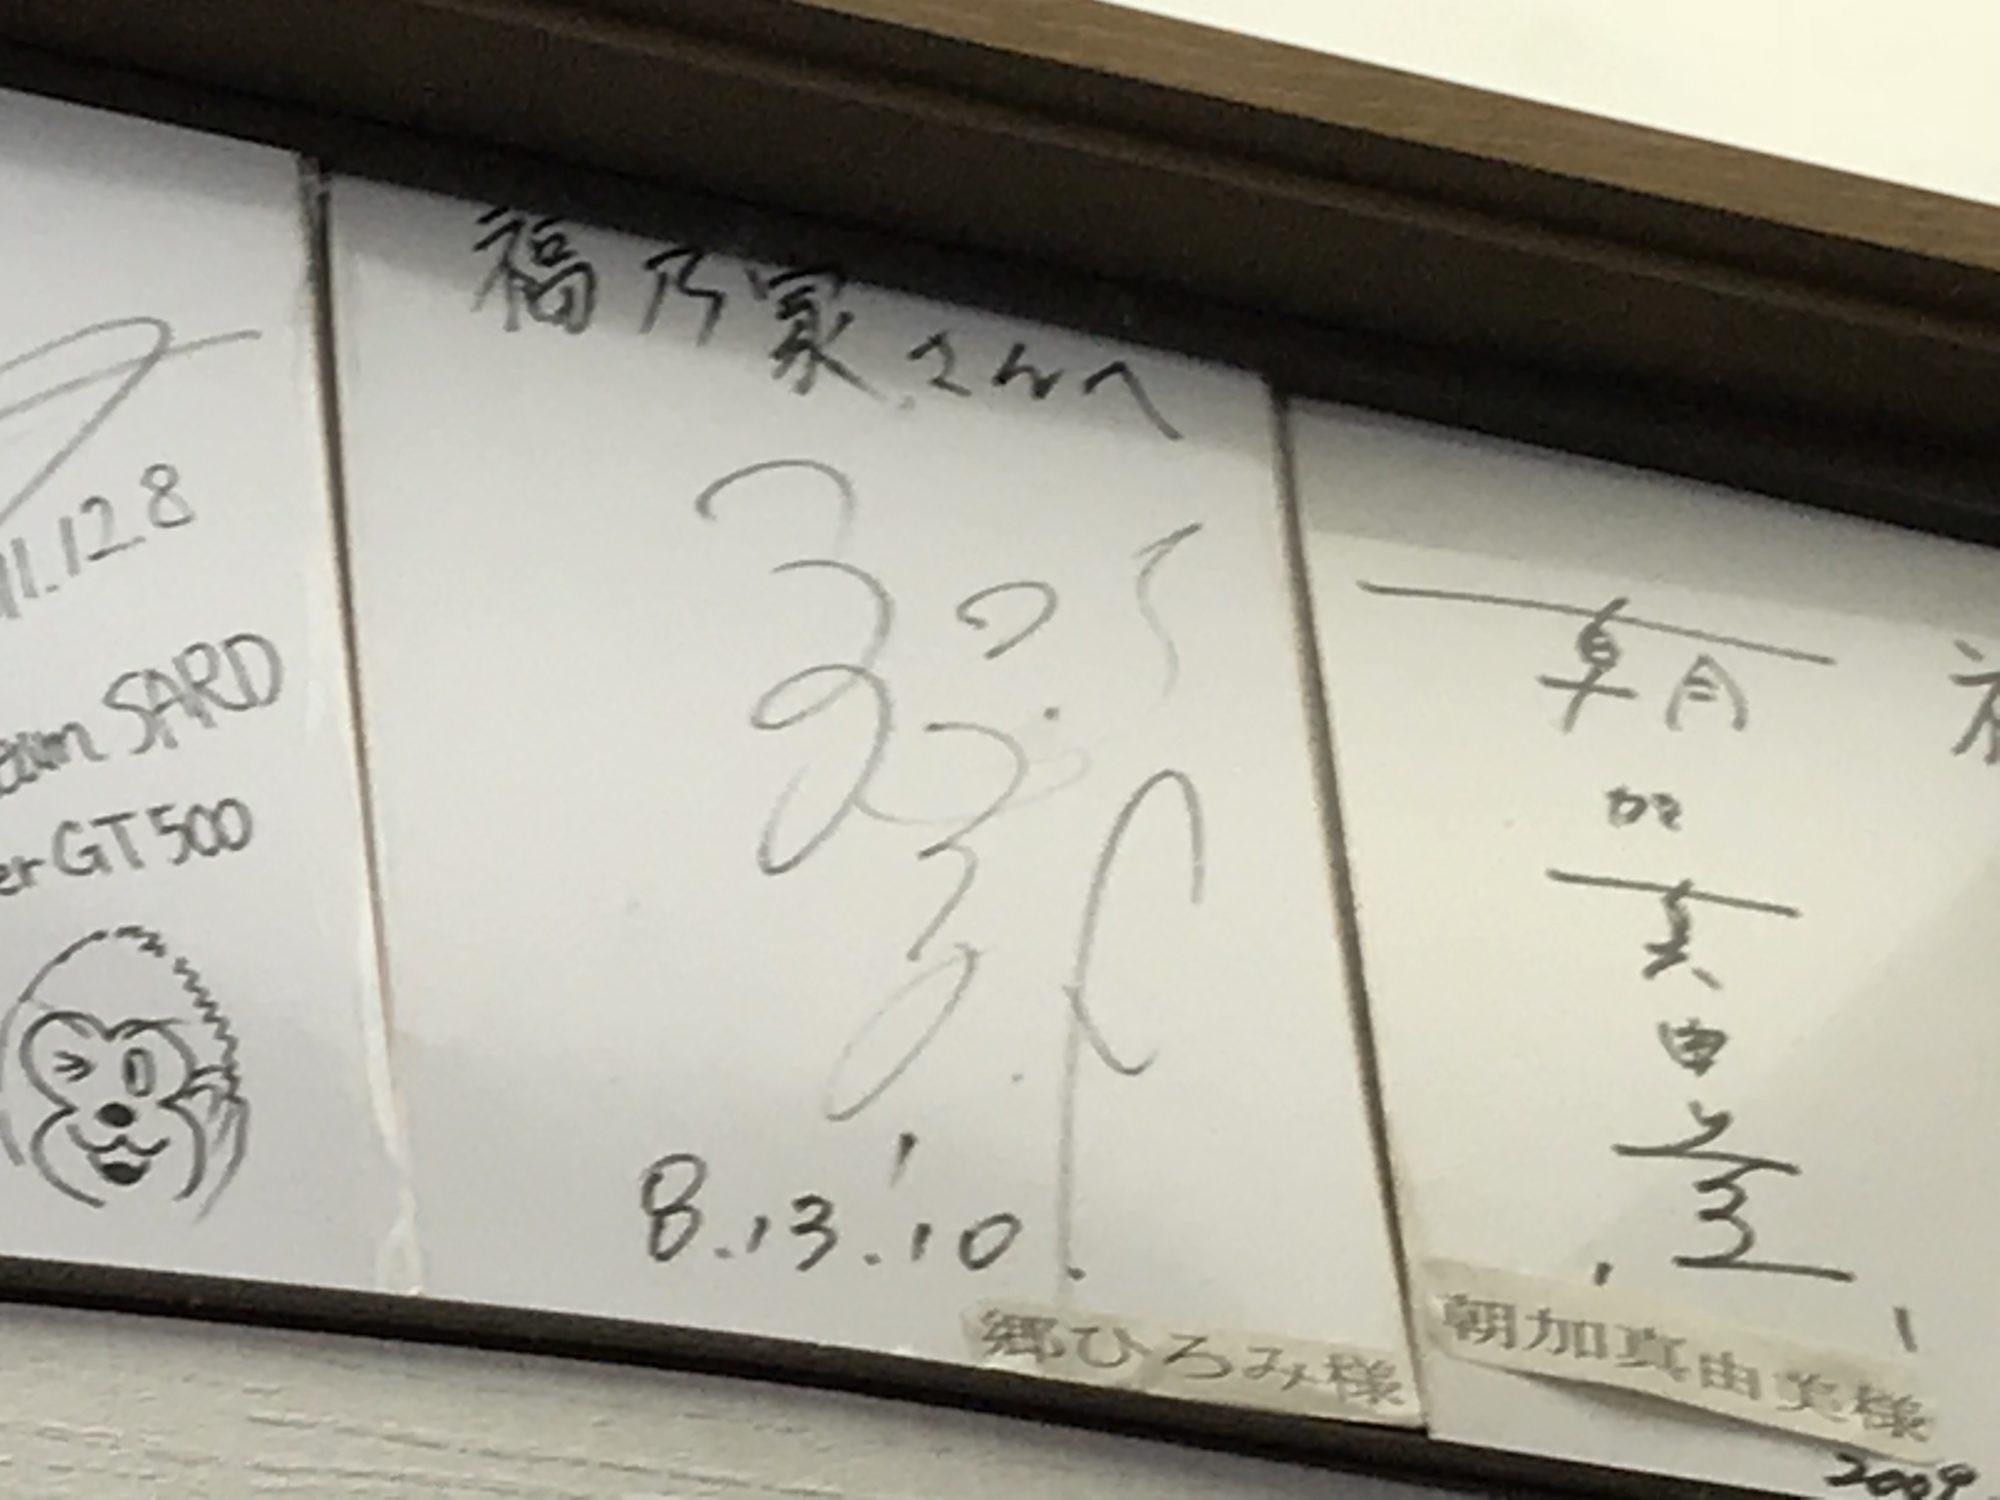 福乃家店内サイン、郷ひろみ